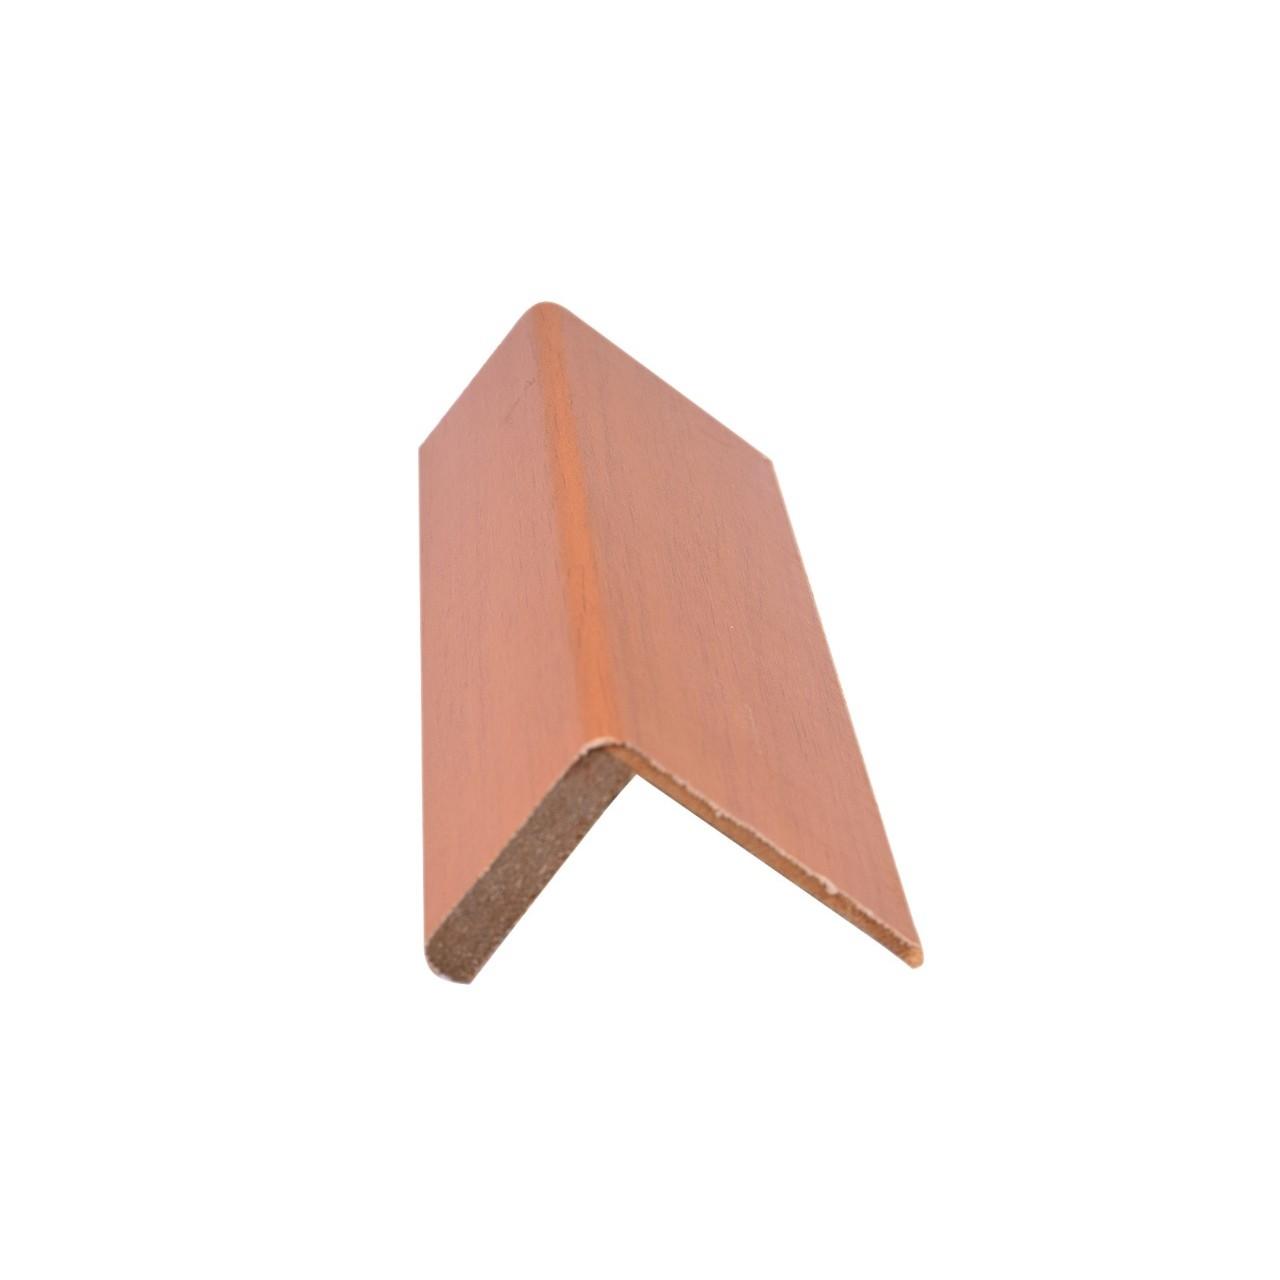 Guarnicao para Portas Madeira e MDF 5cm x 10cm x 223cm Mogno Veneza 528412 - Madelar